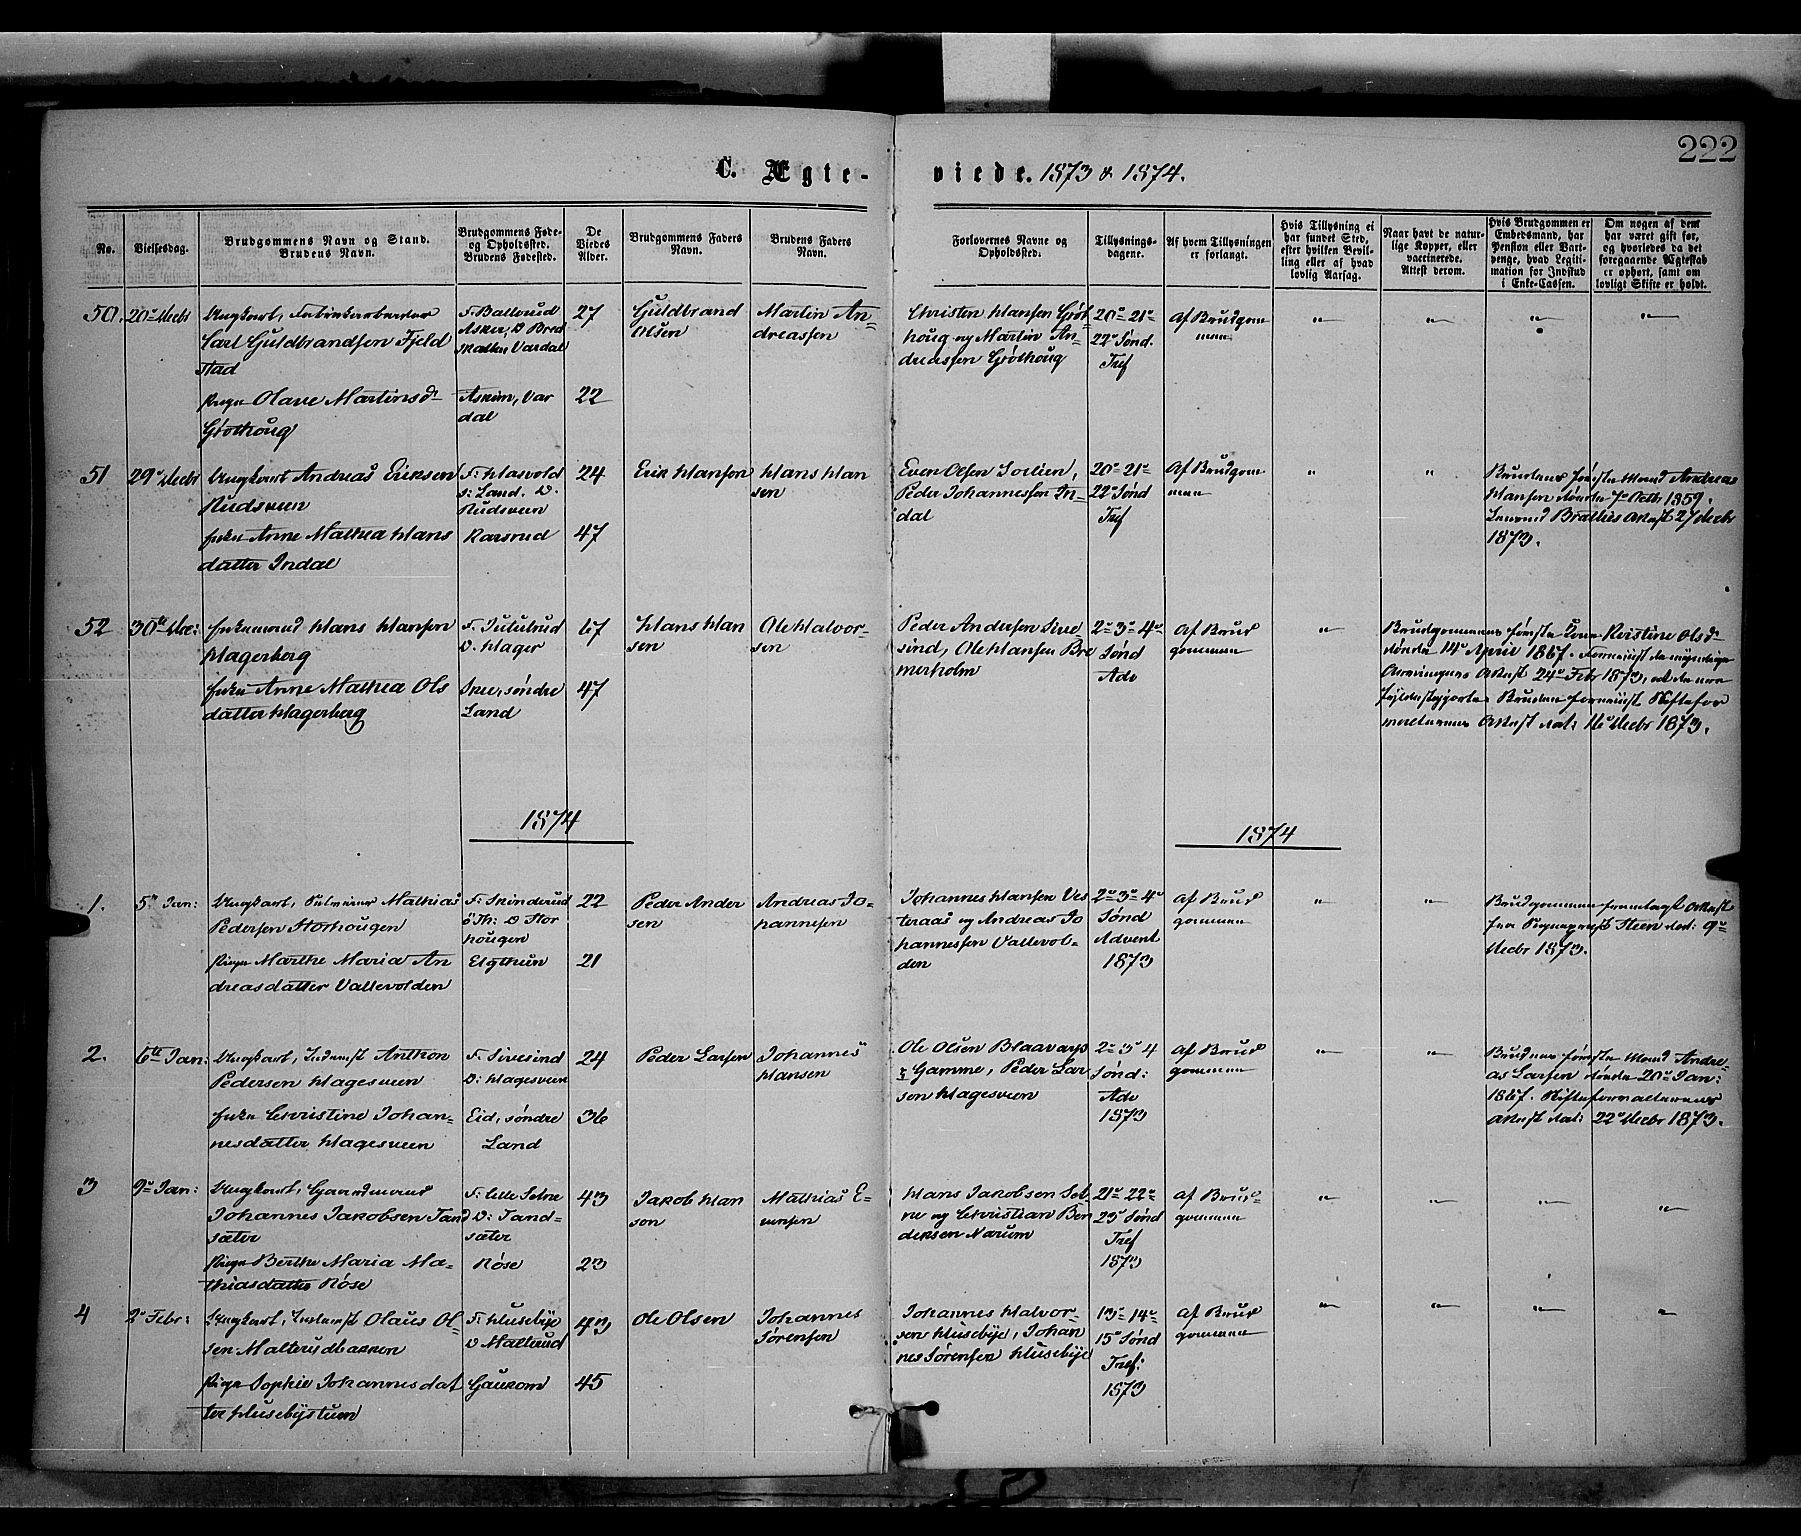 SAH, Vestre Toten prestekontor, Ministerialbok nr. 8, 1870-1877, s. 222